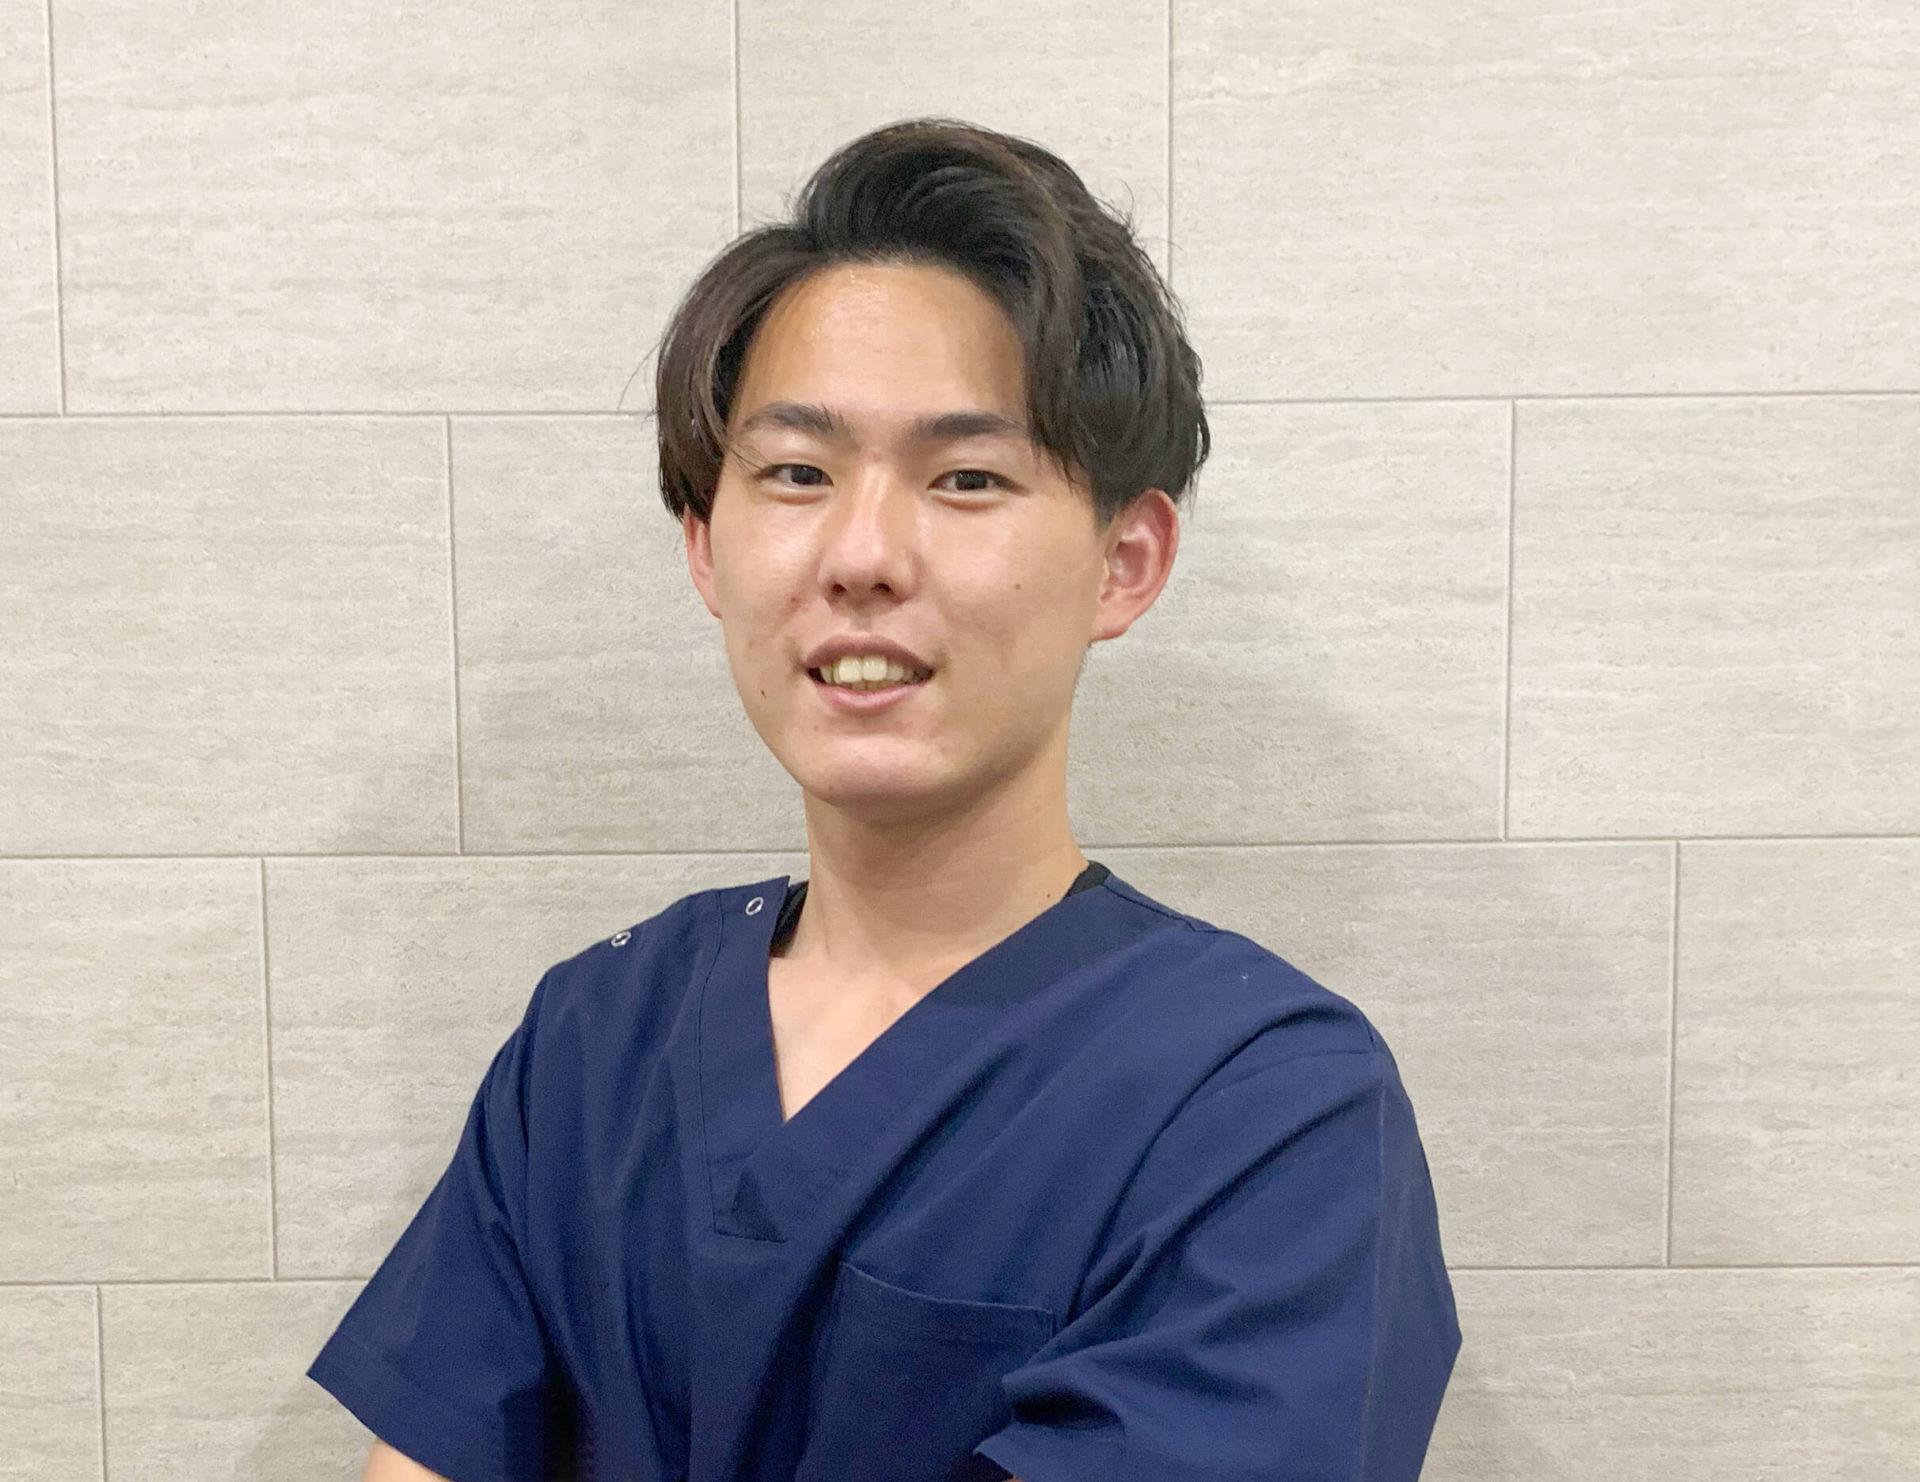 嶋田 勇輝